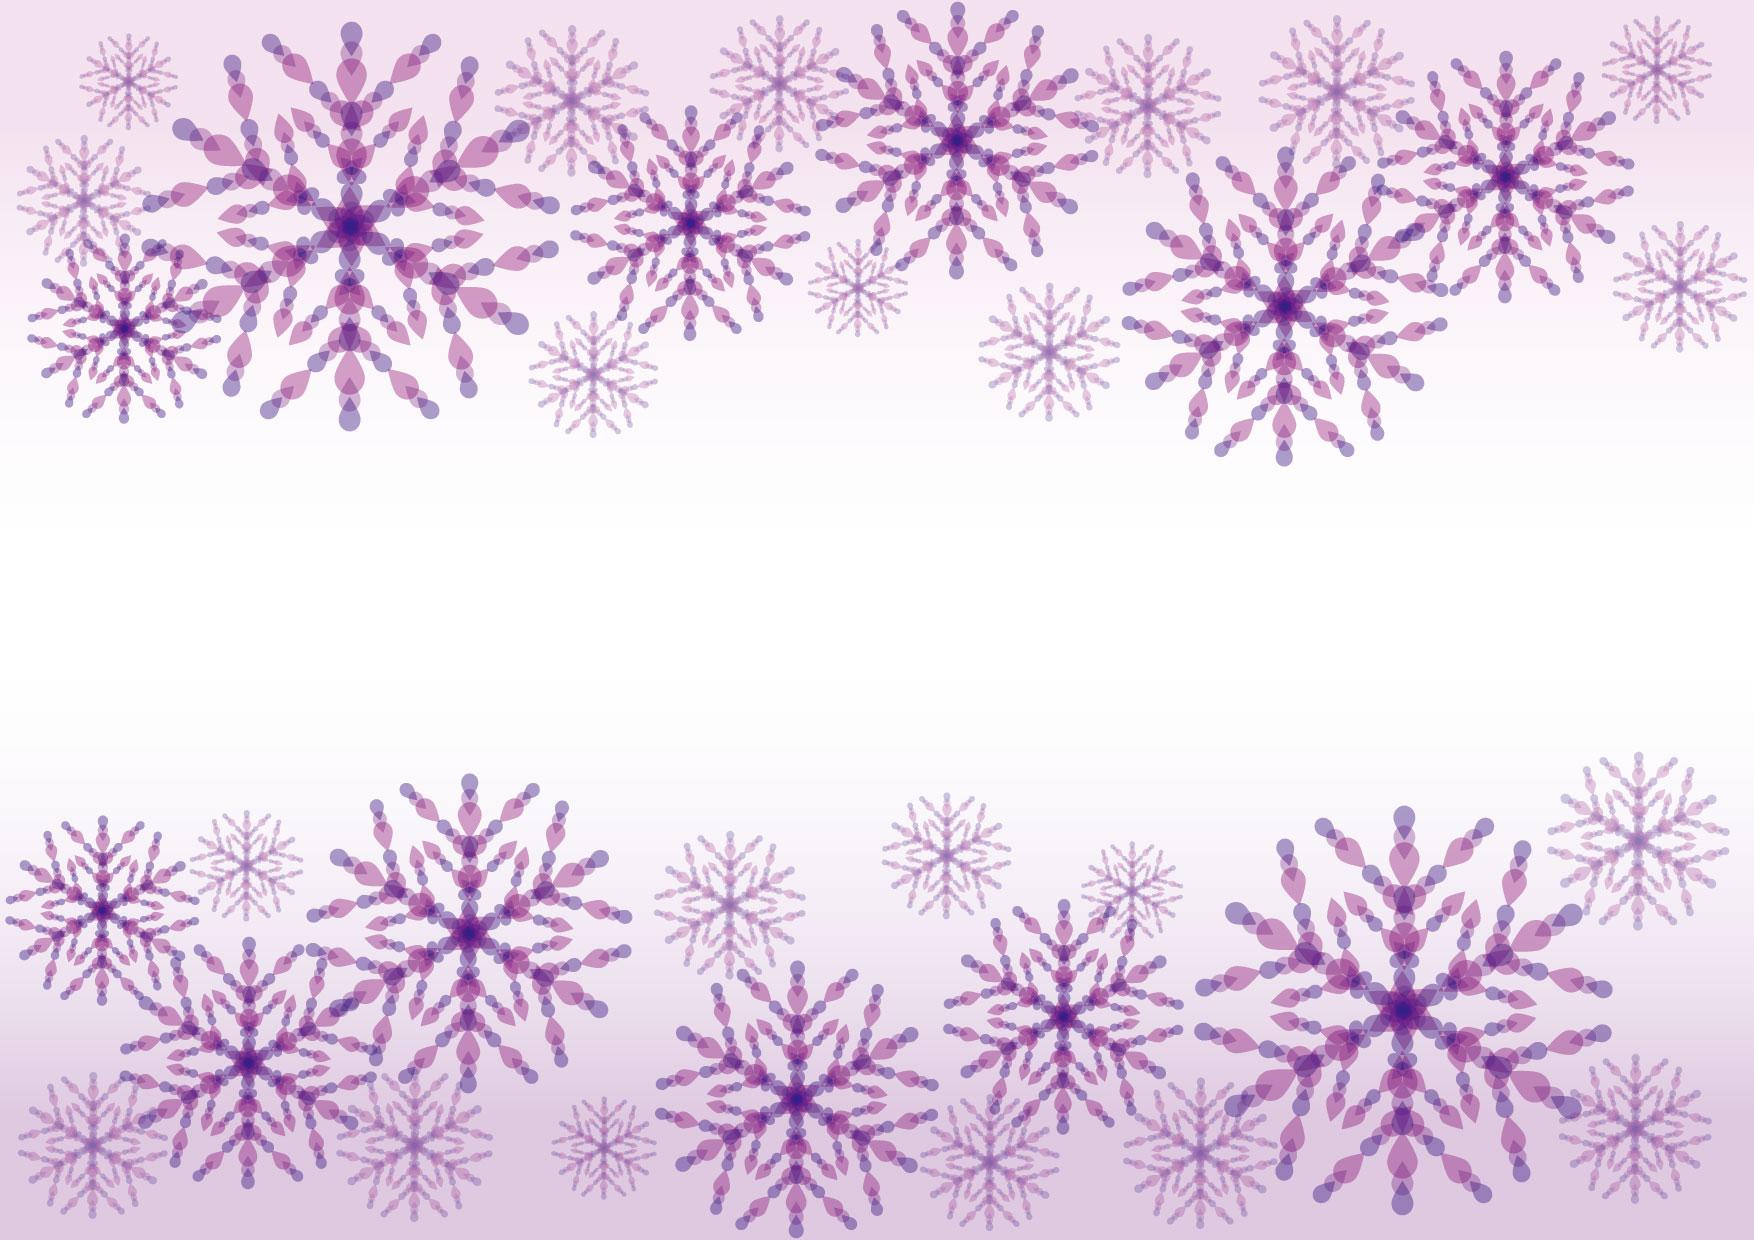 可愛いイラスト無料|雪の結晶 紫色 背景 − free illustration Snowflakes purple background